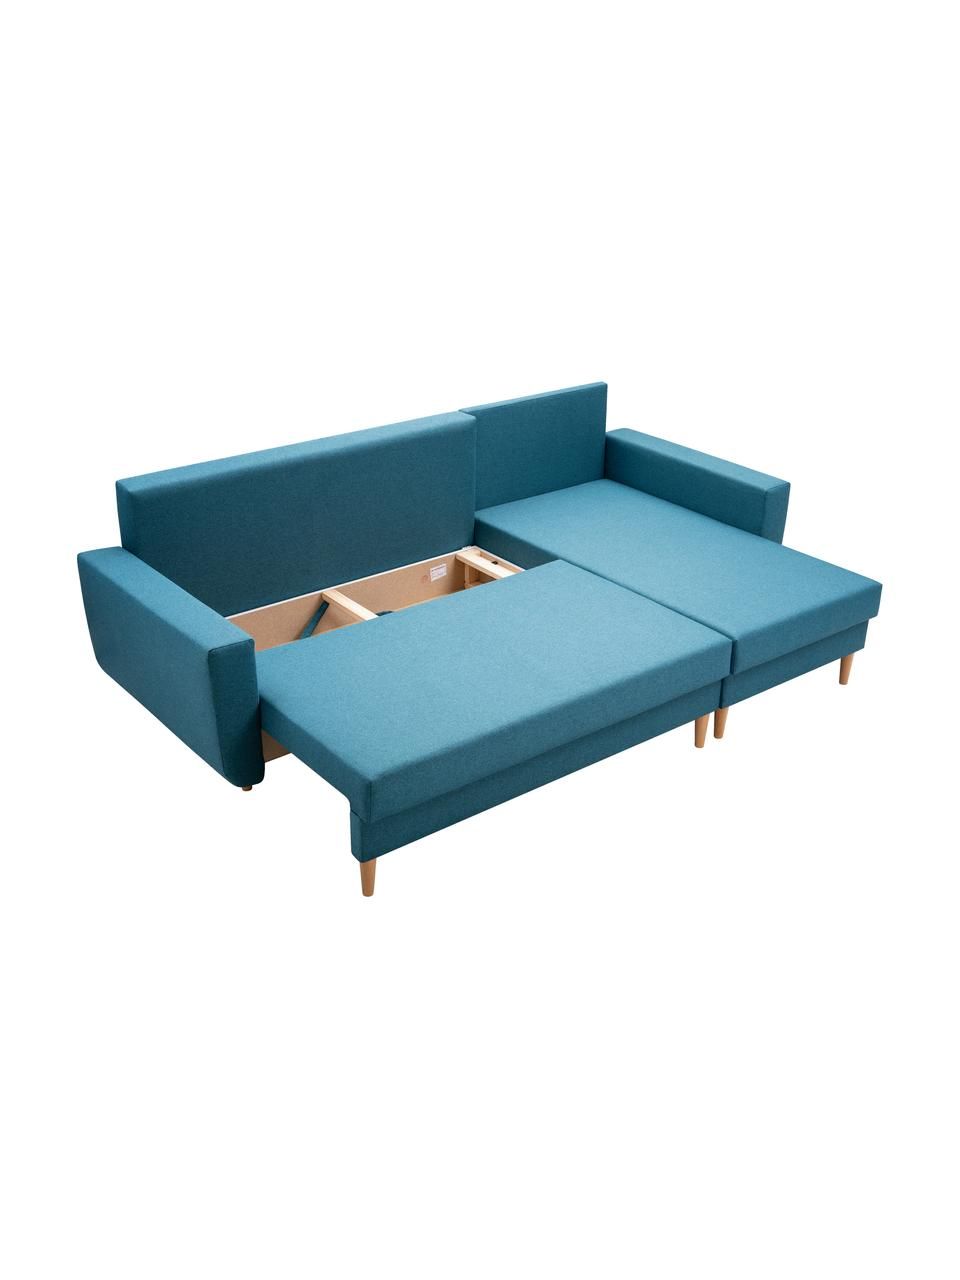 Sofa narożna z funkcją spania i miejscem do przechowywania Neo (4-osobowa), Tapicerka: 100% poliester, Turkusowoniebieski, S 230 x G 140 cm